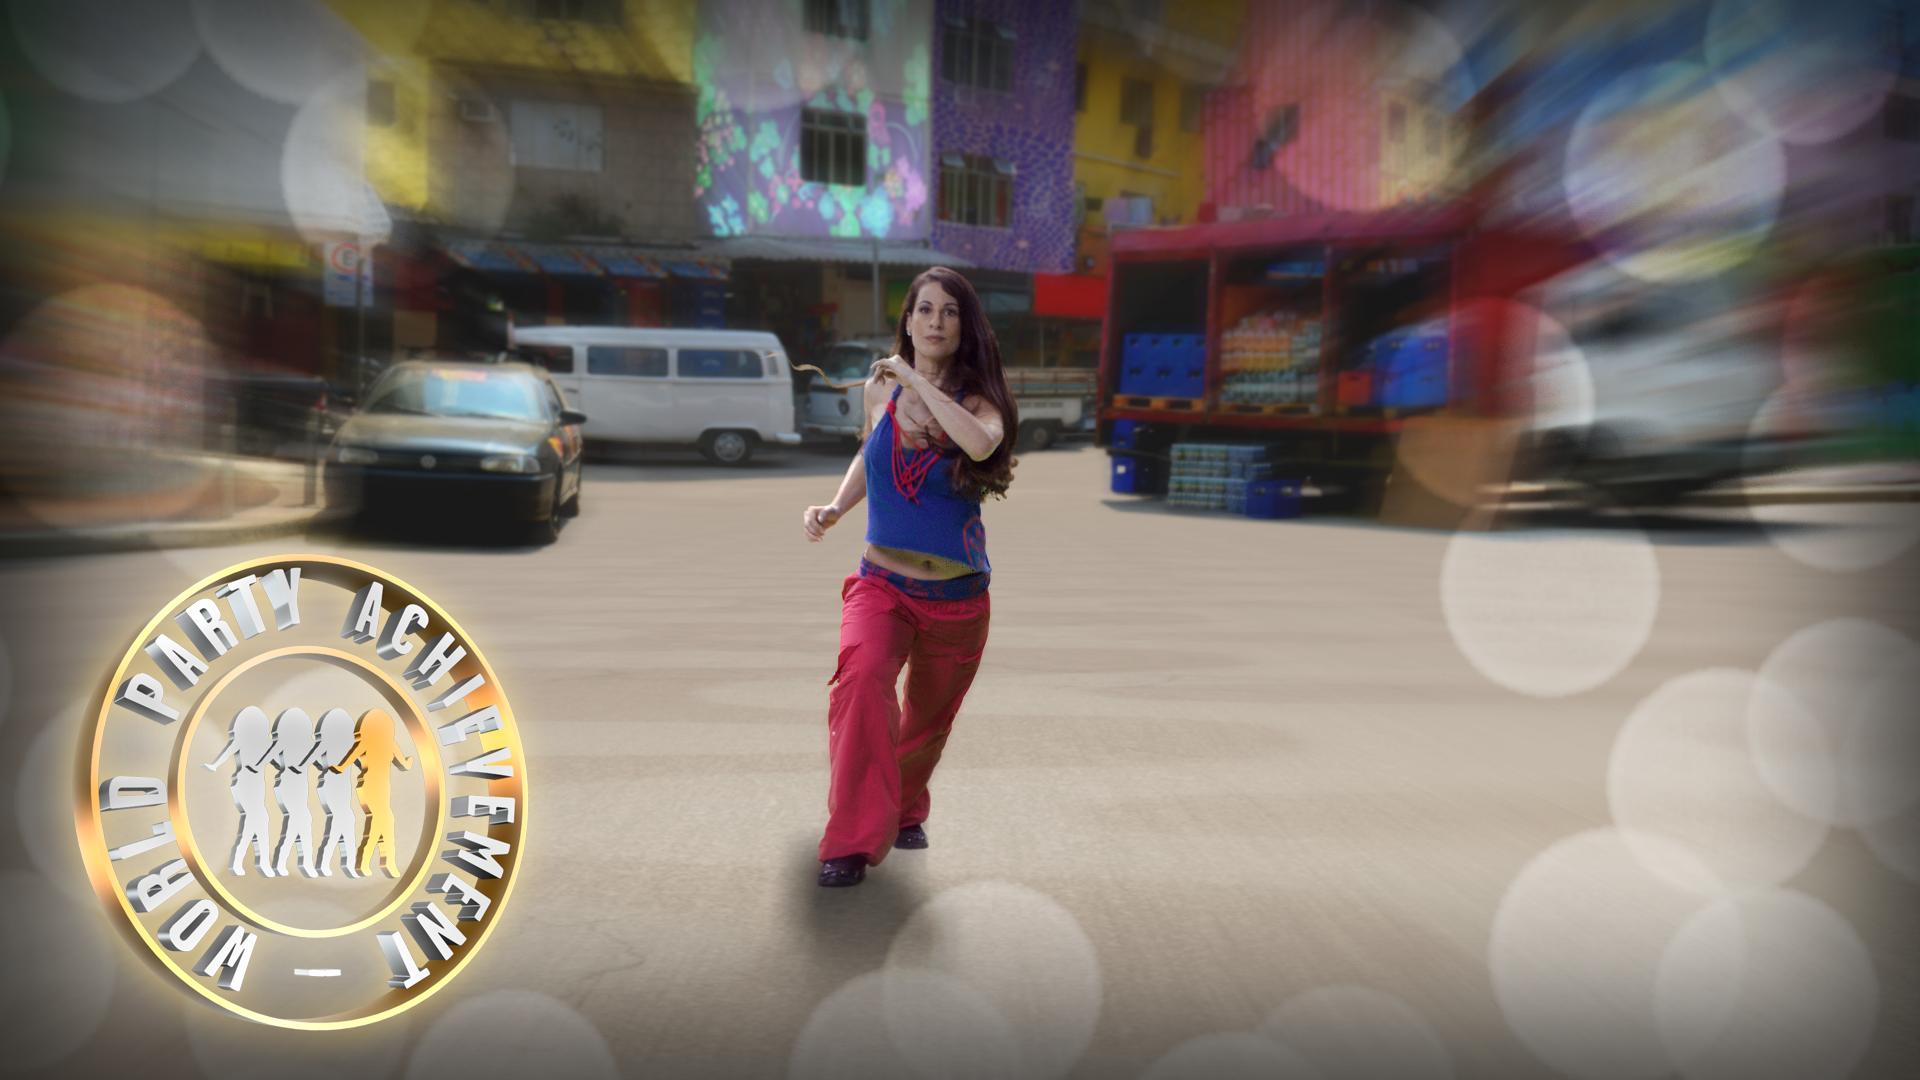 カポエイラ プロ achievement for Zumba World Party on Xbox One